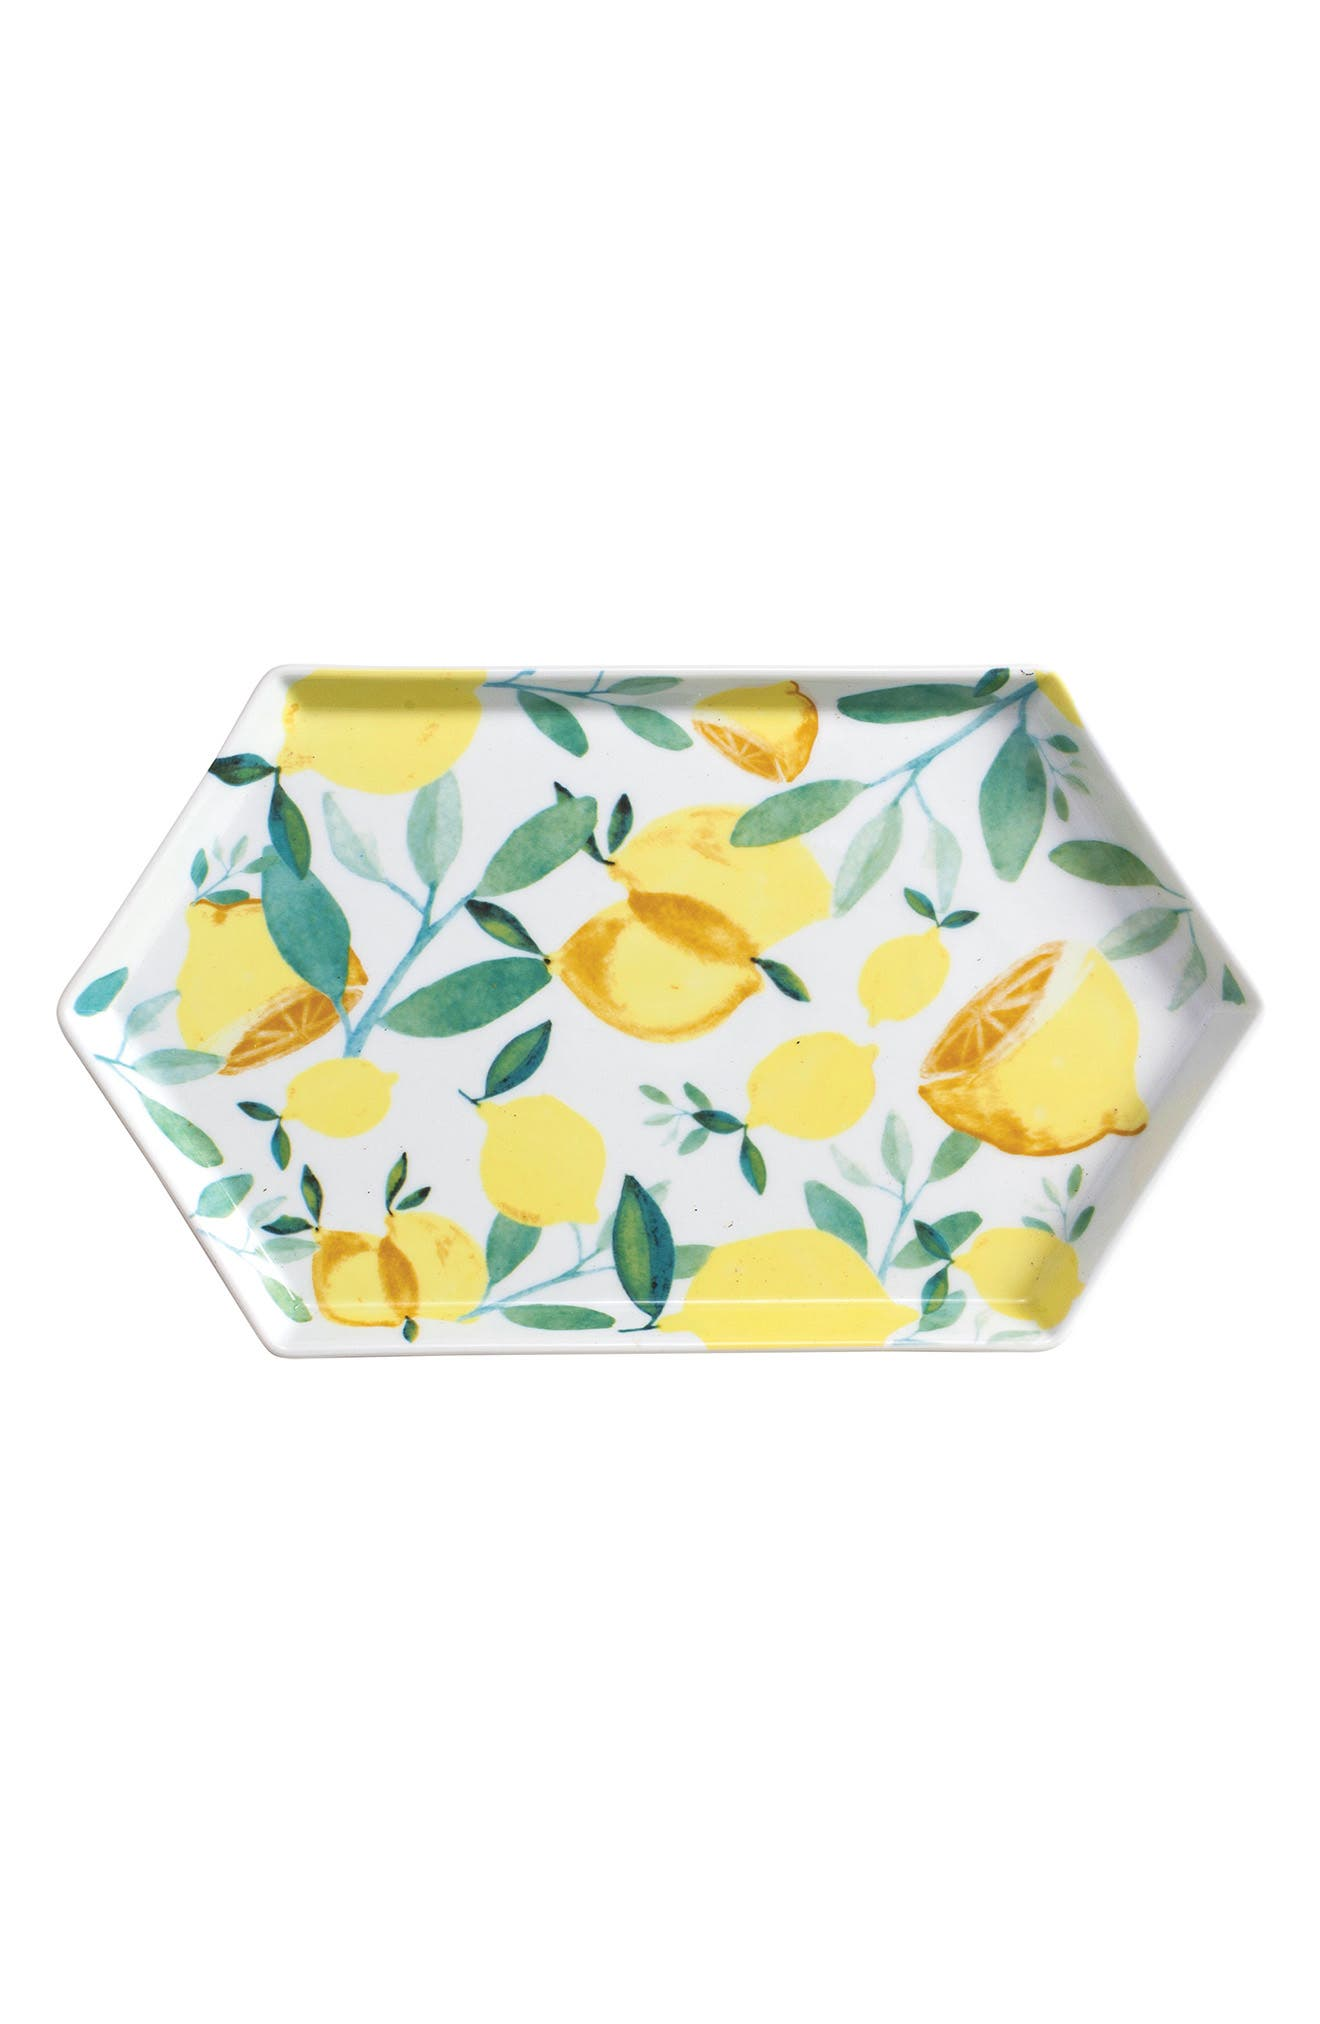 Main Image - Rosanna Lemon Hexagon Tray